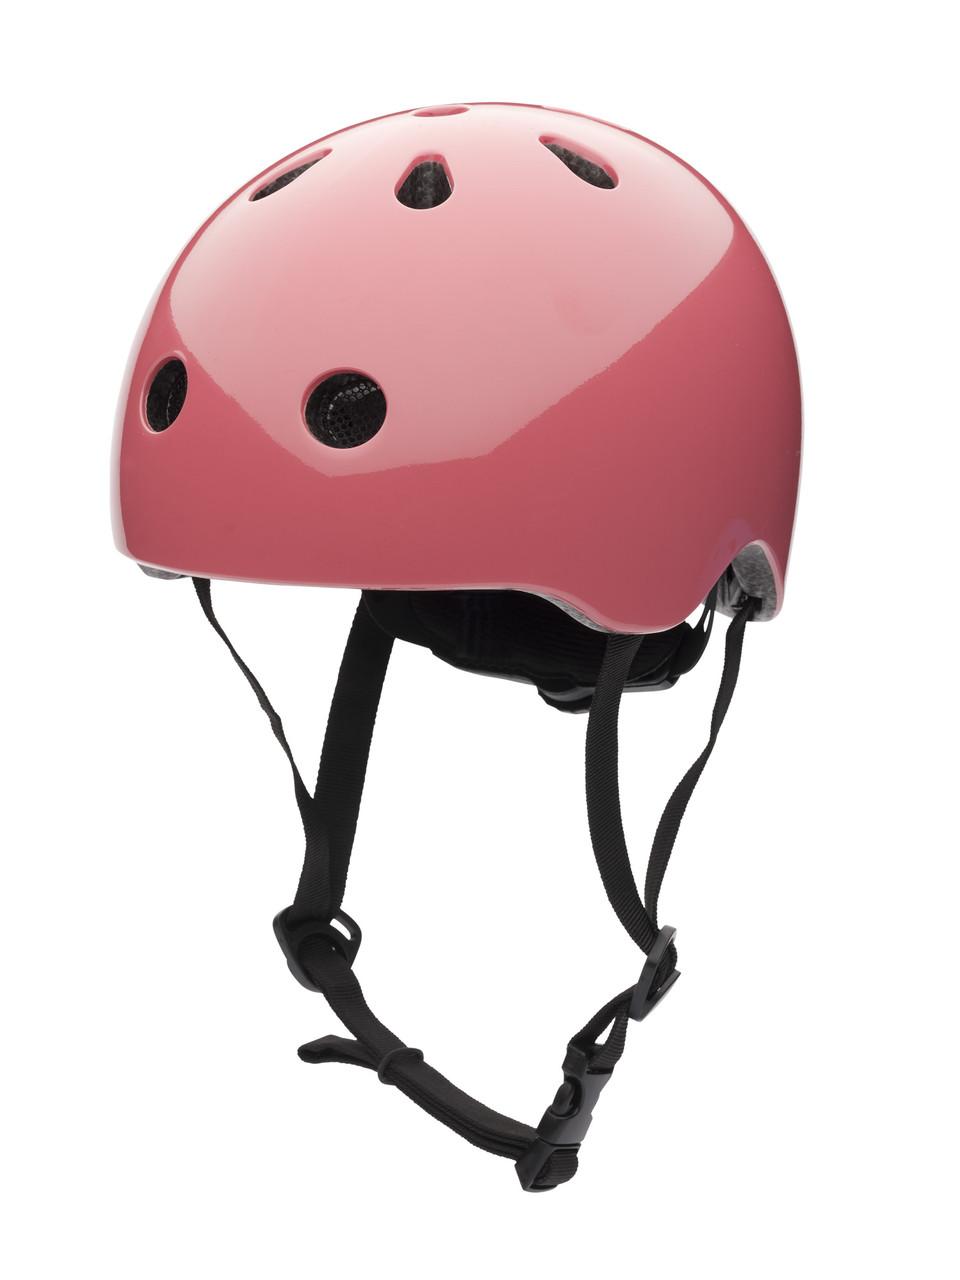 TRYBIKE - Велосипедный шлем Coconut 44 - 51 см, цвет розовый